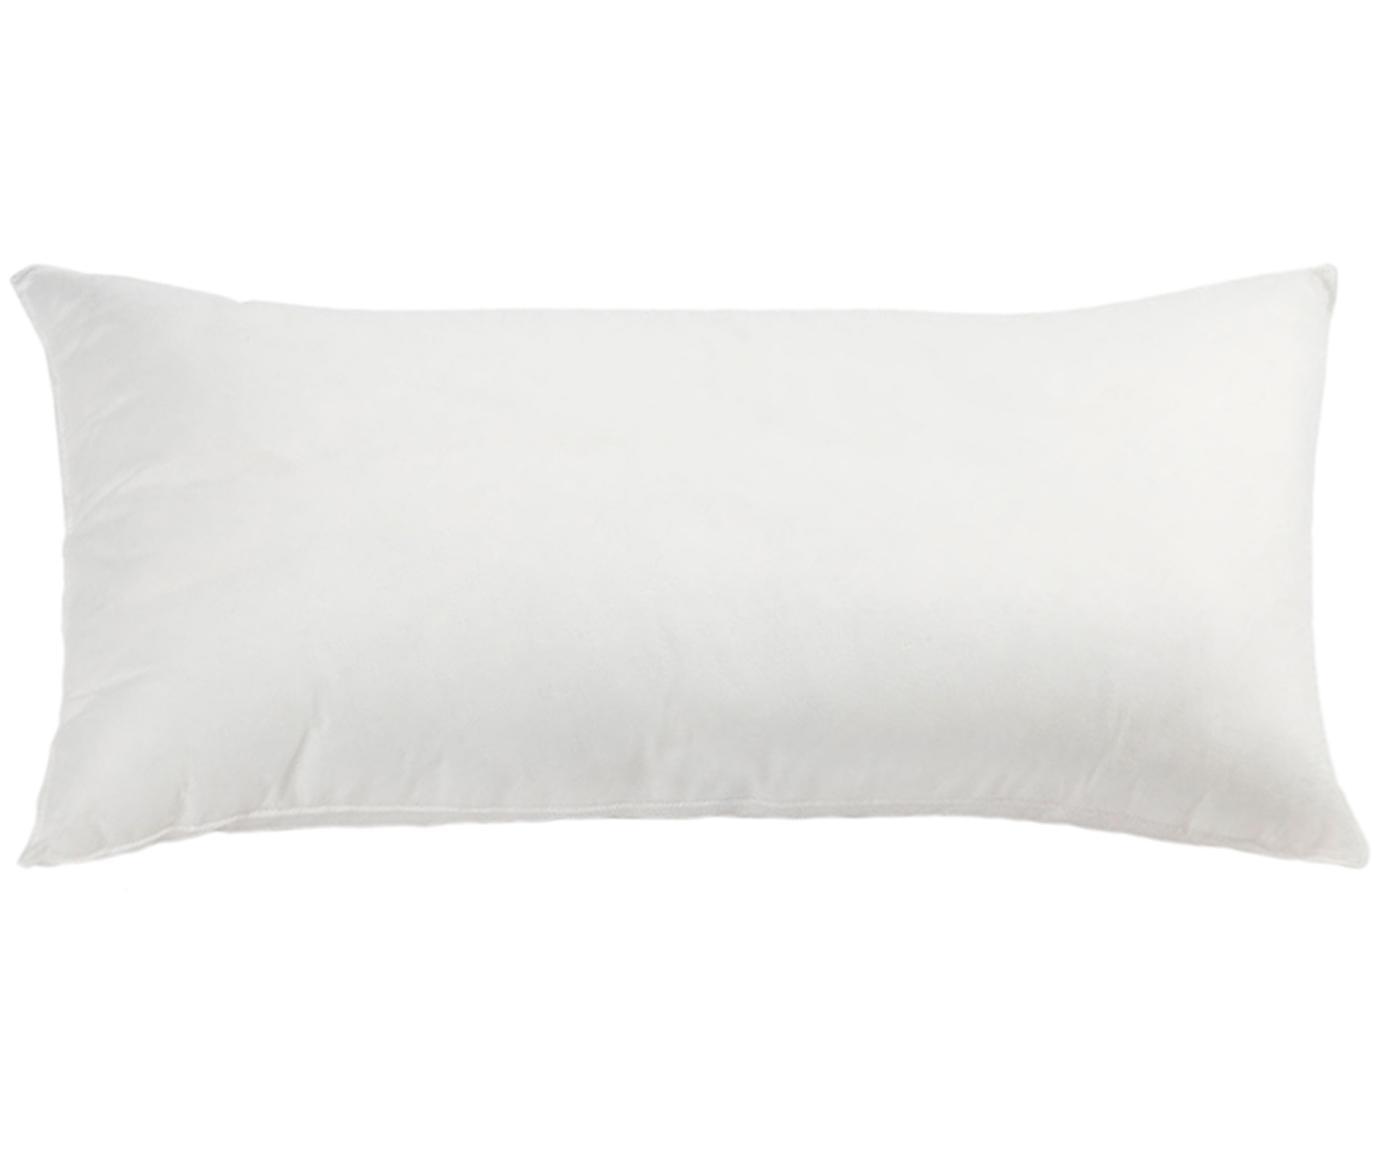 Binnenkussen Egret, 30x60, microvezel-vulling, Bekleding: kunstvezel, Wit, 30 x 60 cm